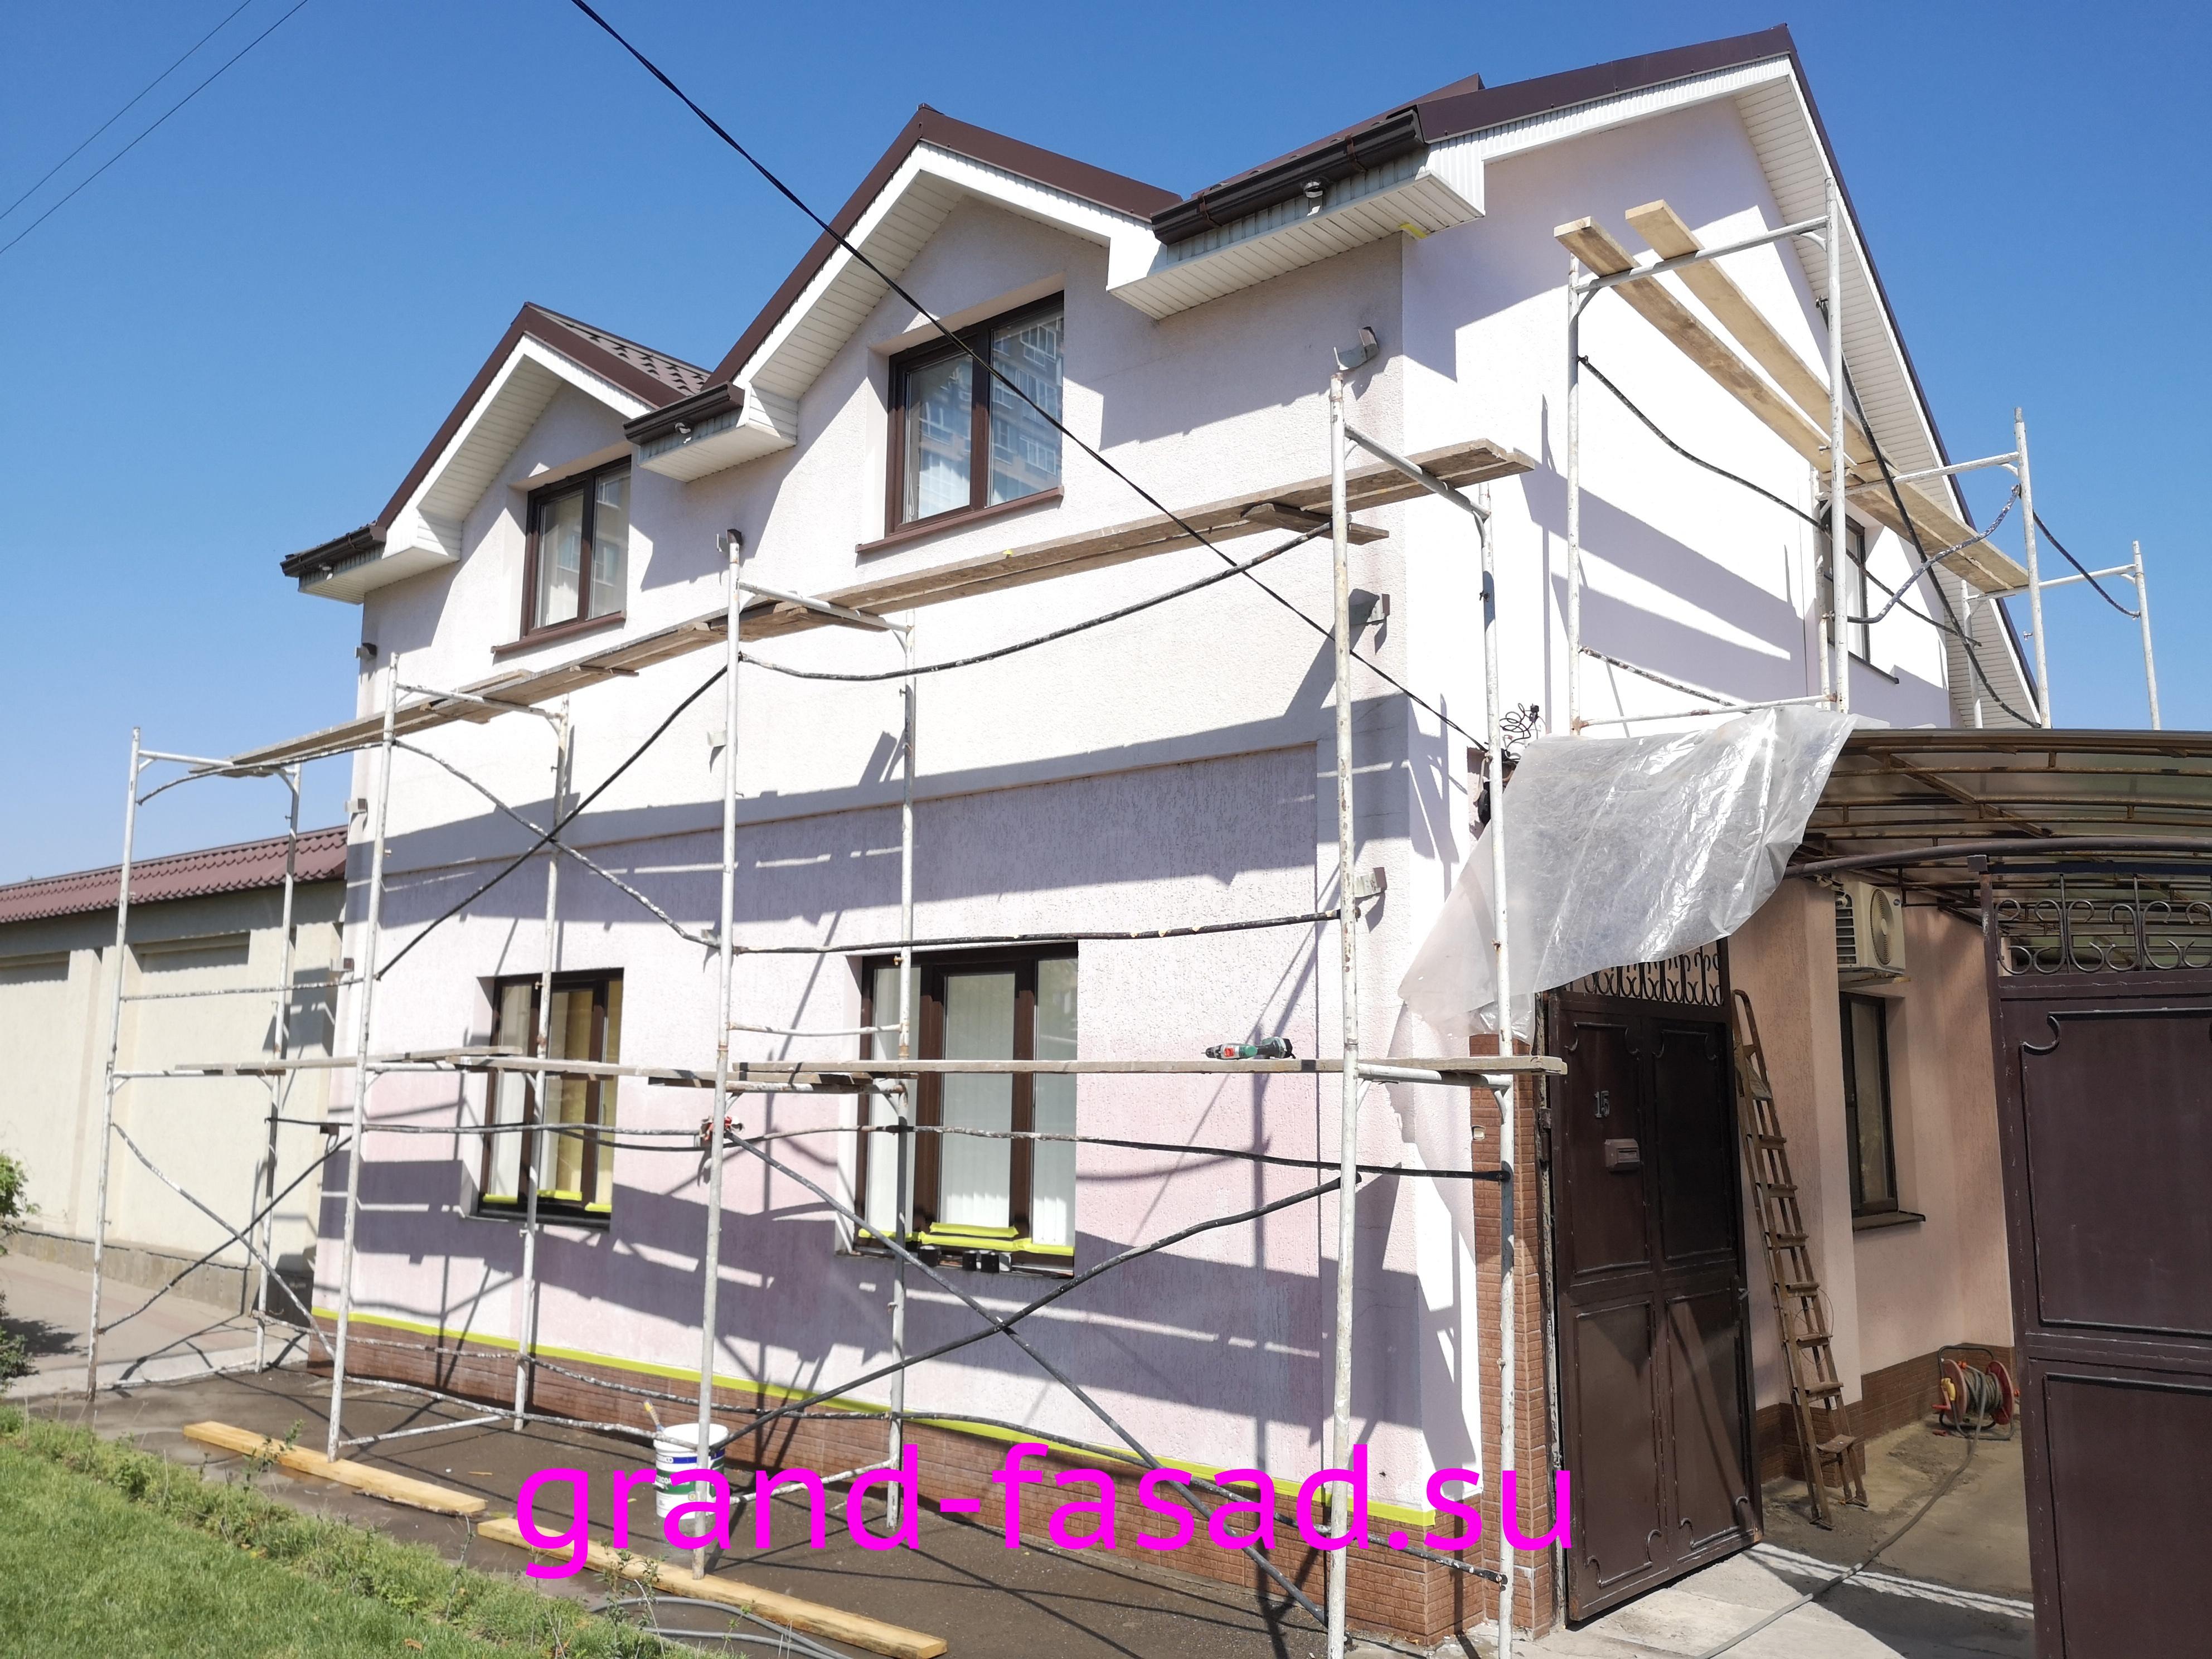 6b99299db80fe Покраска фасада частного дома в Ростове-на-Дону